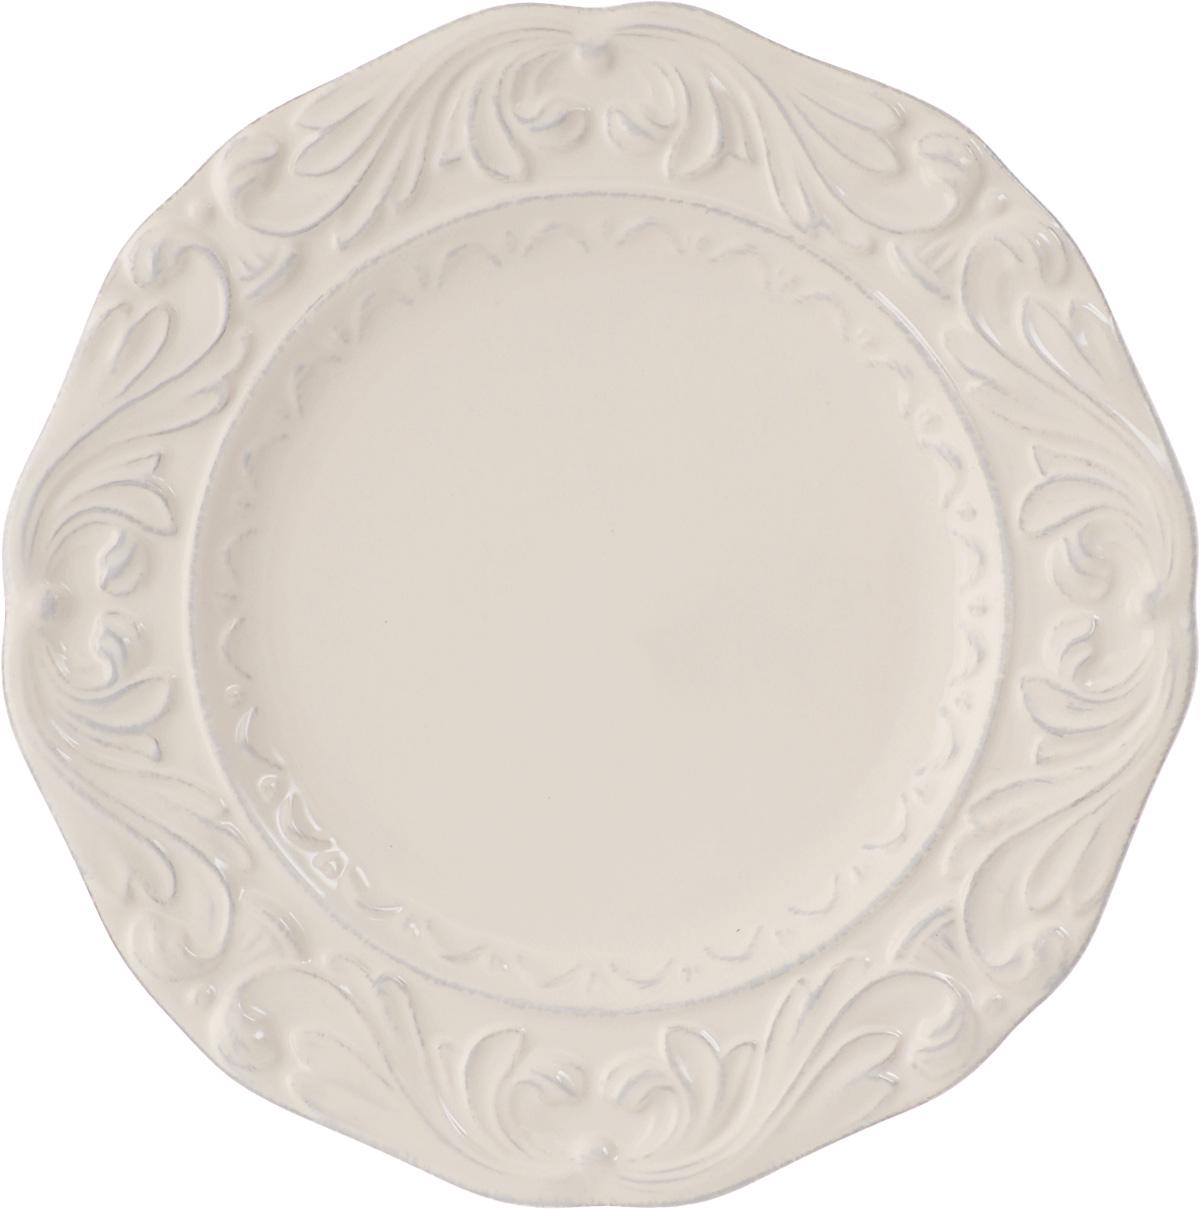 Тарелка десертная Certified International Флоренция, диаметр 24 см115510Десертная тарелка Certified International Флоренция, изготовленная из высококачественной керамики, декорирована изящным рельефным рисунком. Она подойдет как для торжественных случаев, так и для повседневного использования. Тарелка Certified International Флоренция идеальна для подачи десертов, пирожных, тортов и многого другого. Она прекрасно оформит стол и станет отличным дополнением к вашей коллекции кухонной посуды. Можно мыть в посудомоечной машине и использовать в микроволновой печи.Диаметр тарелки: 24 см.